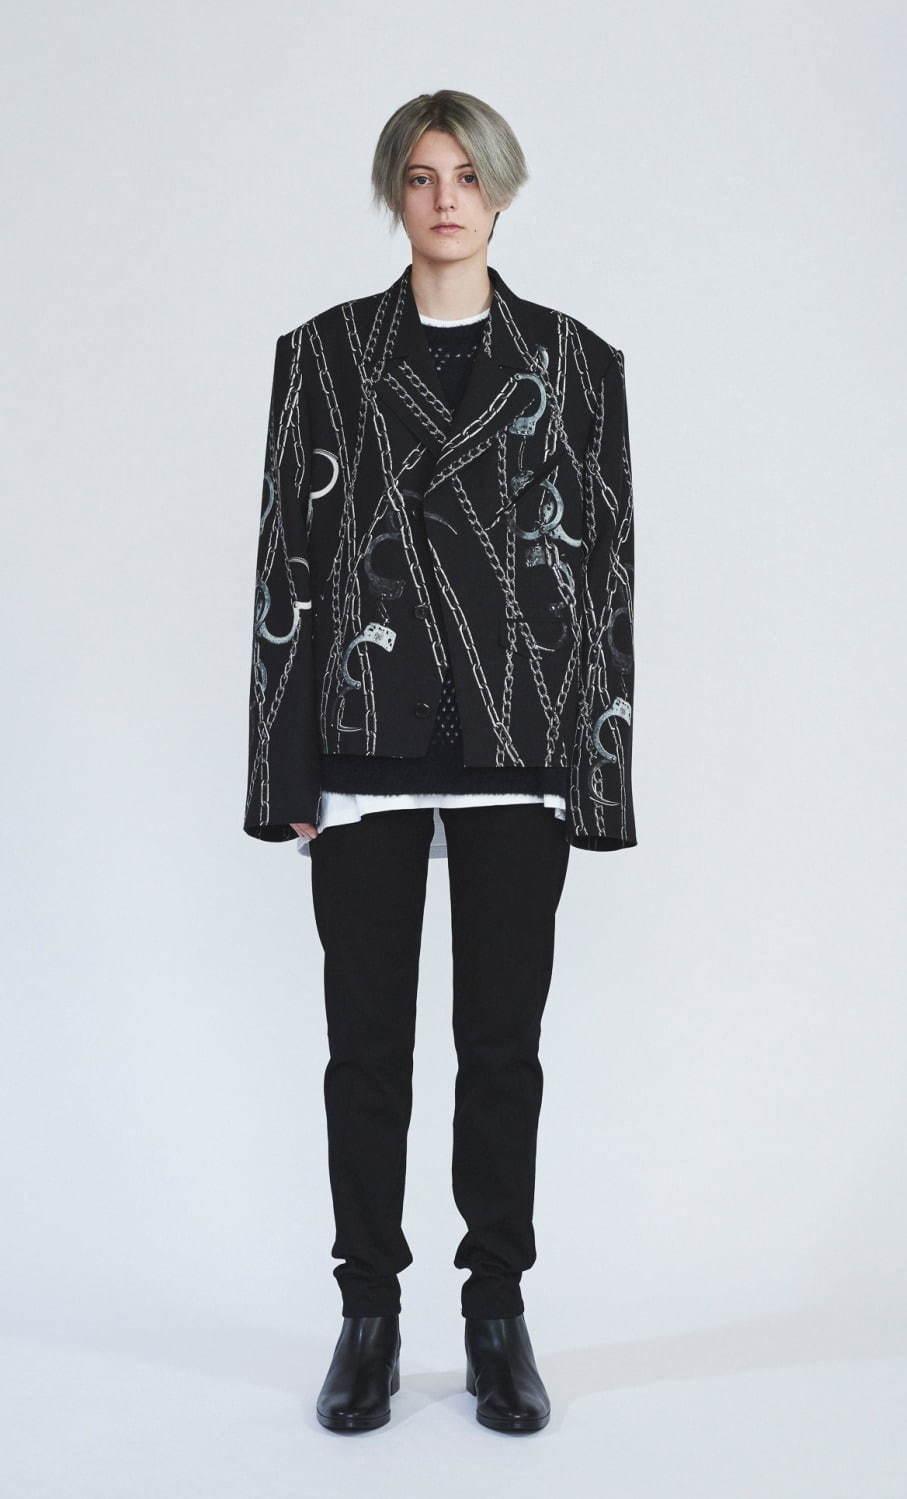 ジャケット 74,000円、ブーツ 60,000円